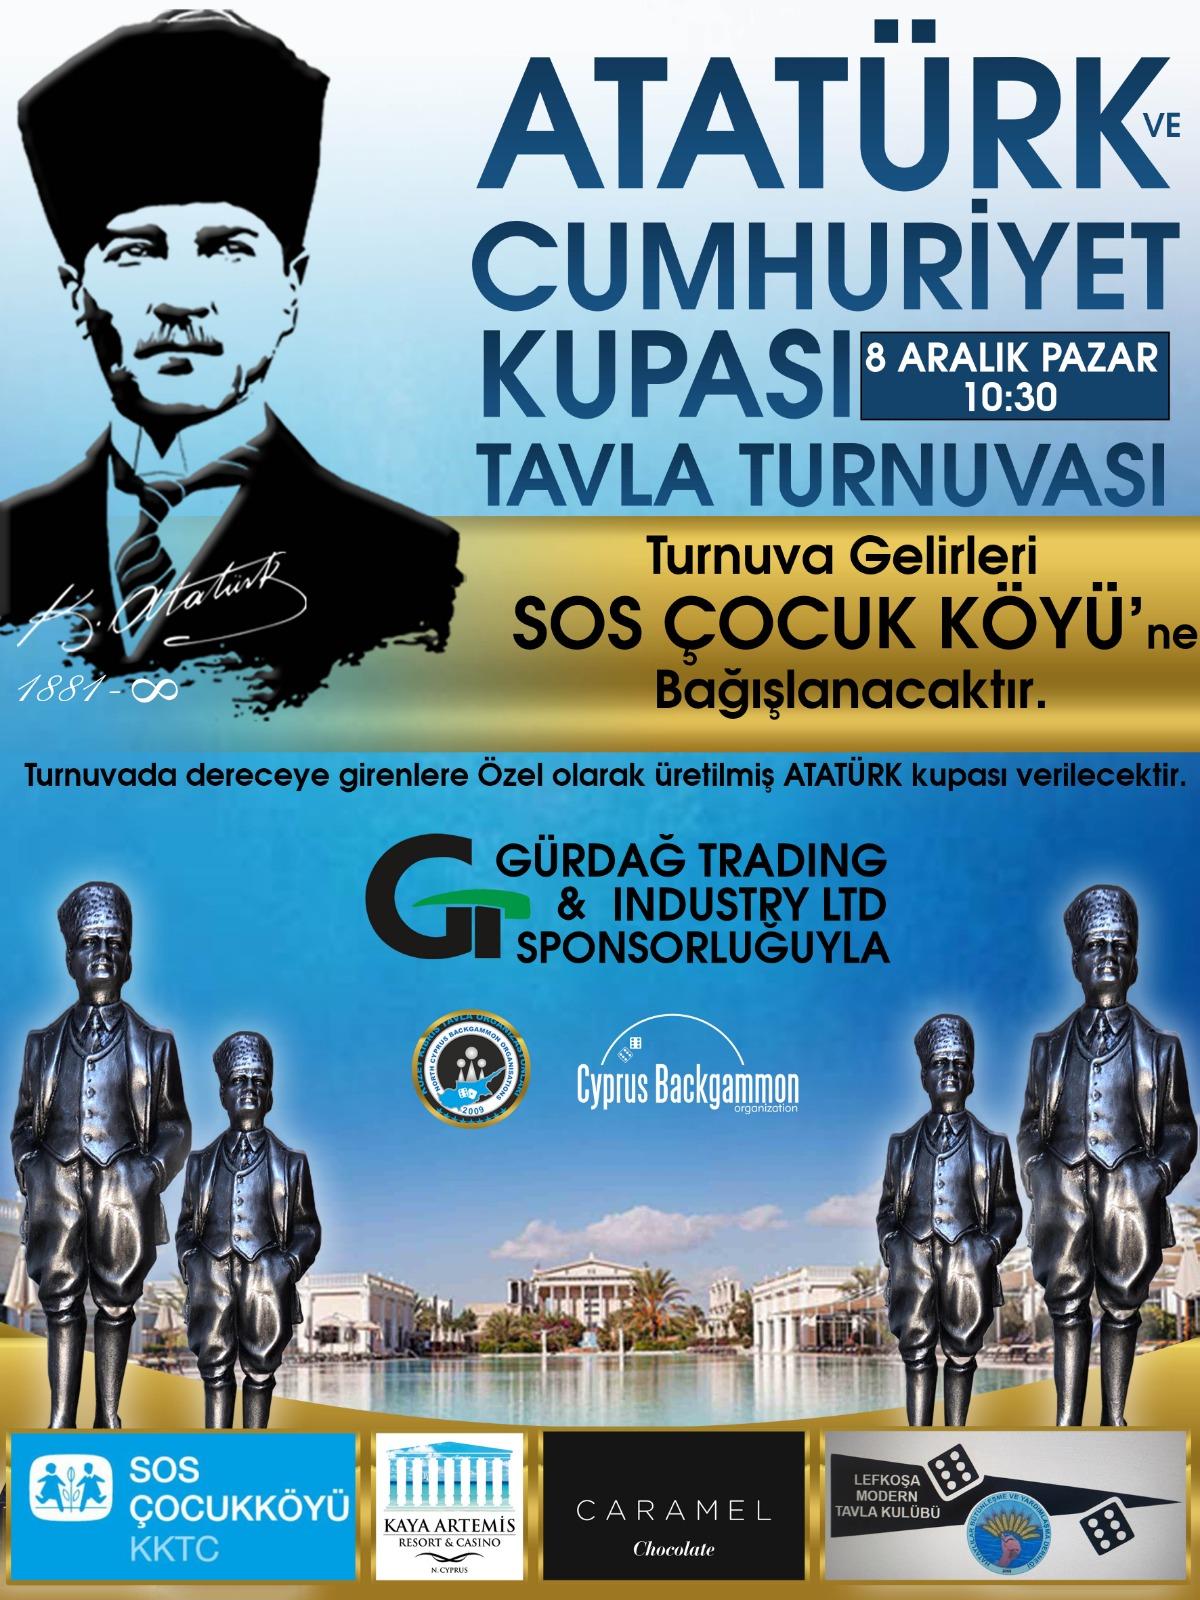 Zarlar, Atatürk ve Cumhuriyet için atılacak